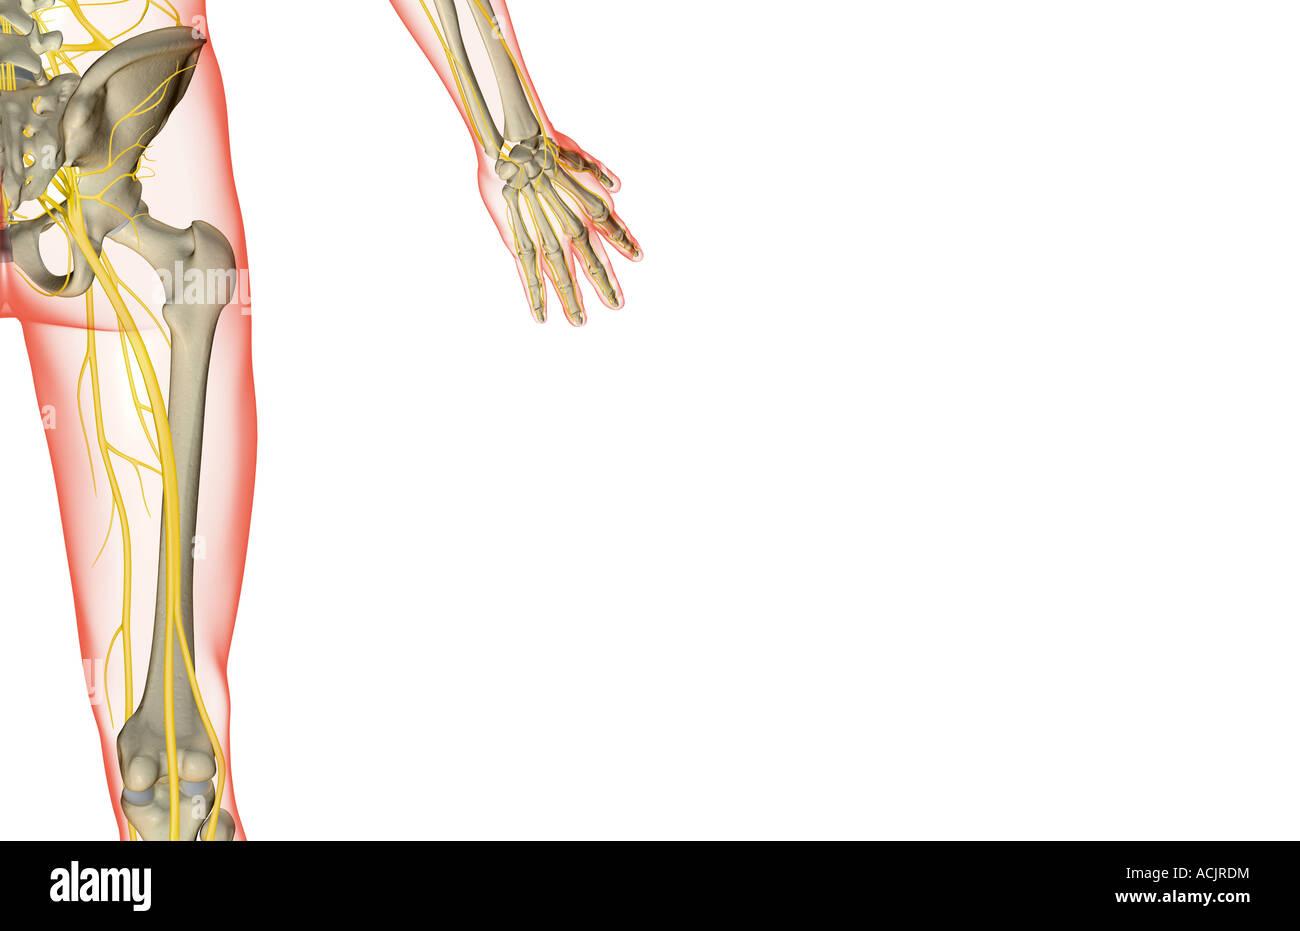 Die Nerven der Hüfte Stockfoto, Bild: 13172815 - Alamy